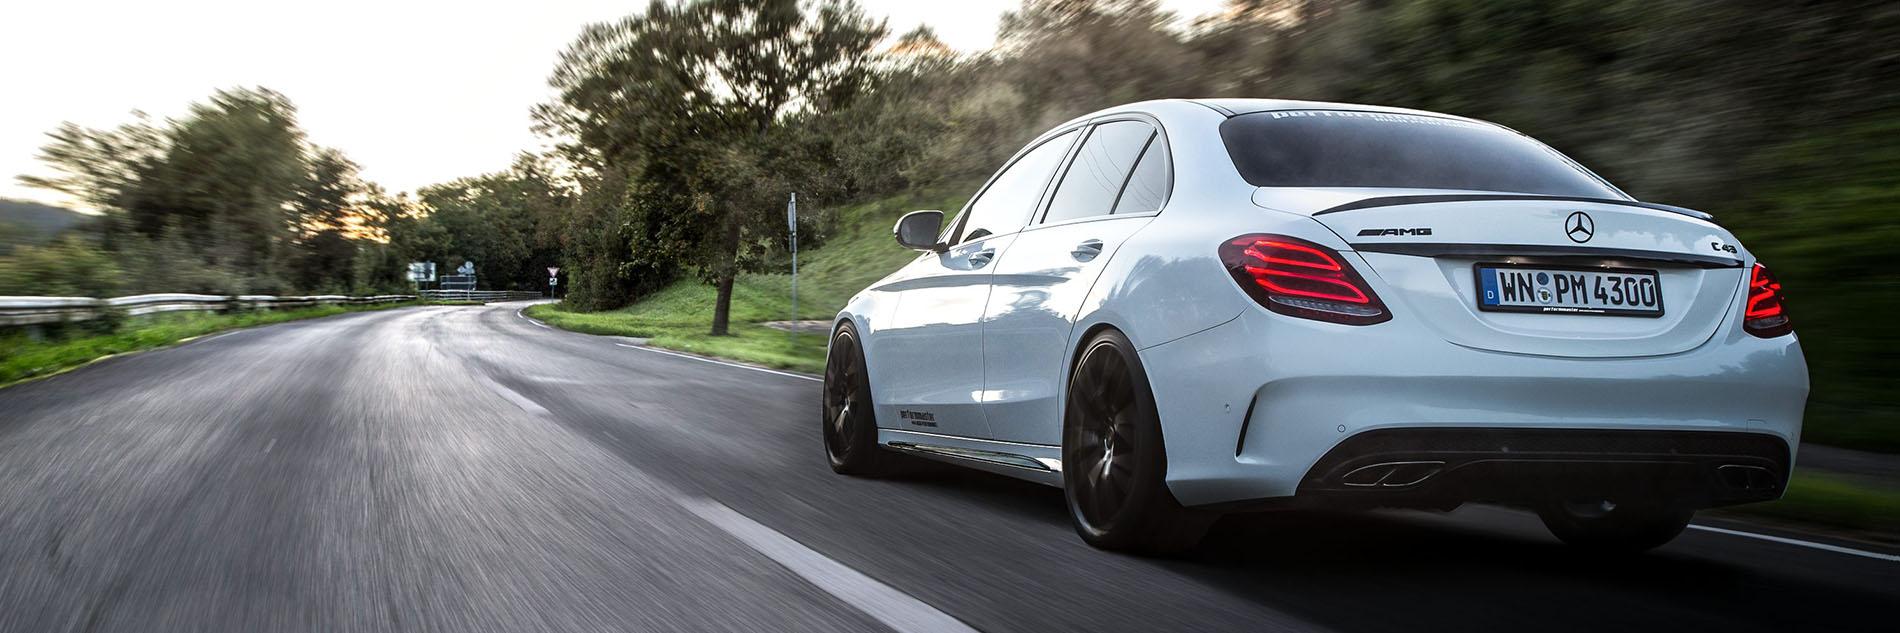 Tuning für Mercedes 43 AMG